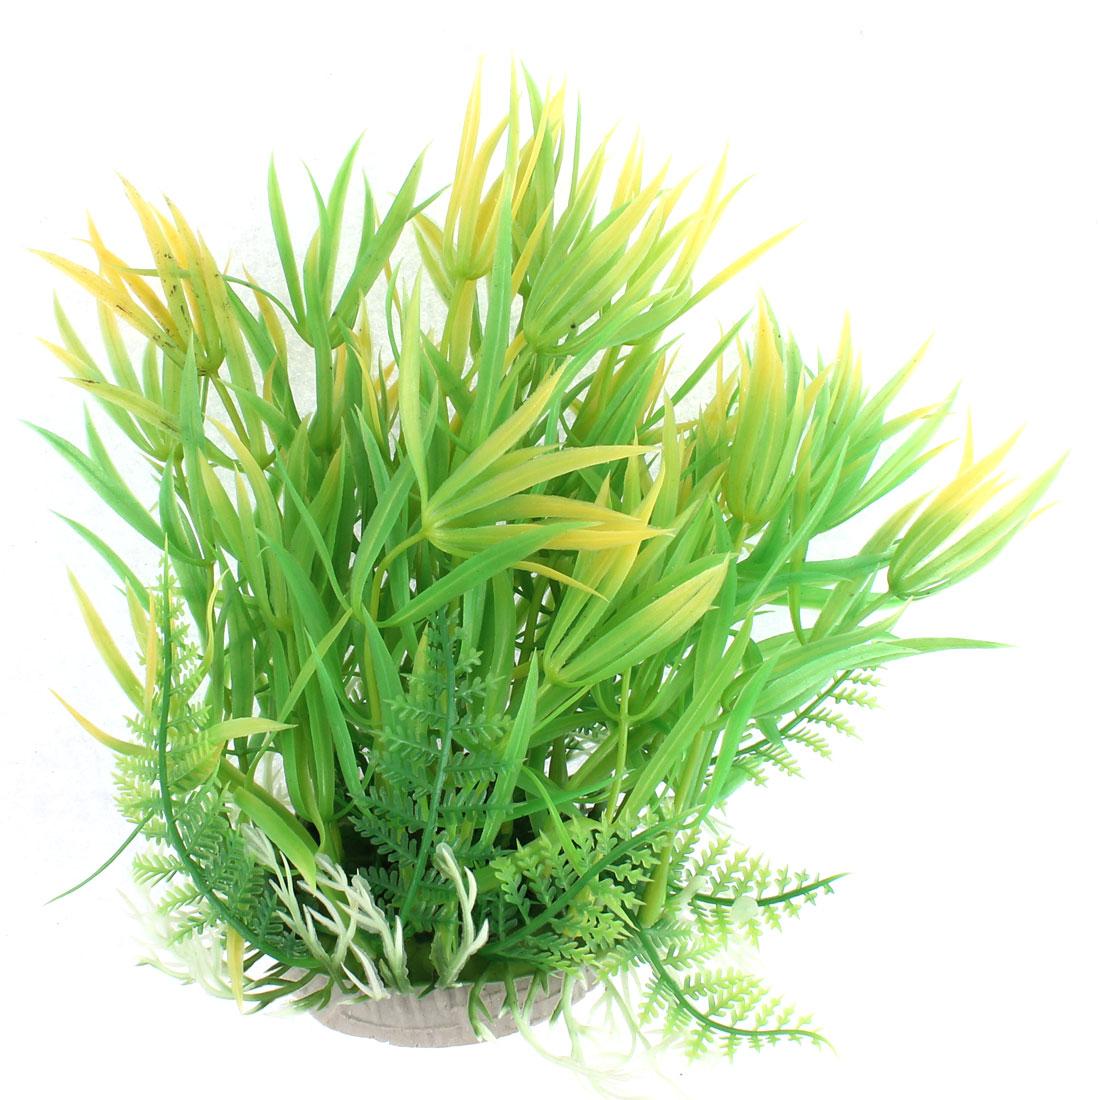 Aquarium Plastic Artificial Underwater Plant Grass Decoration 19cm Height